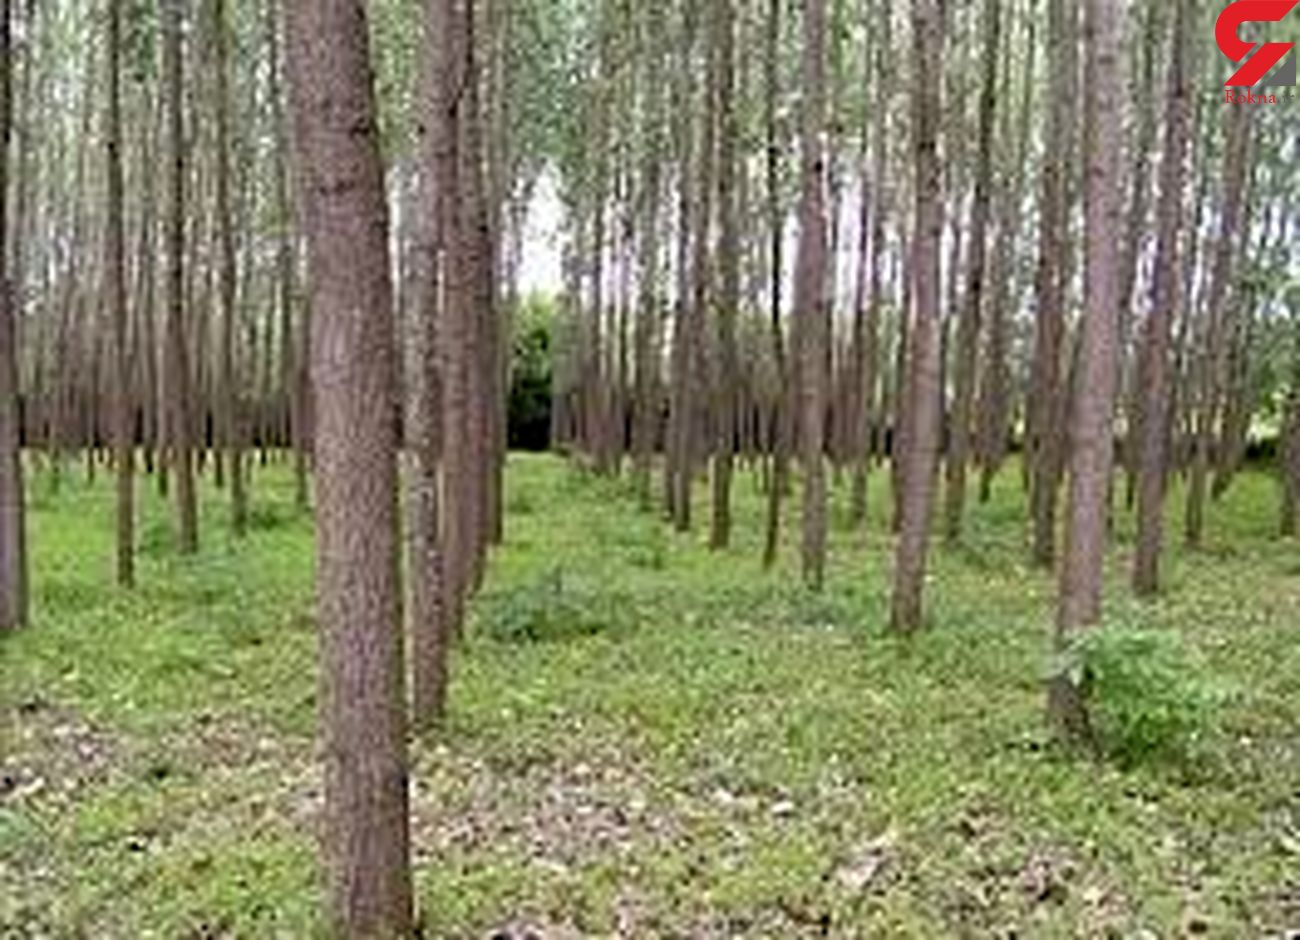 کشف 8 هزار متر زمین خواری در سرپل ذهاب/ یک نفر دستگیر شد